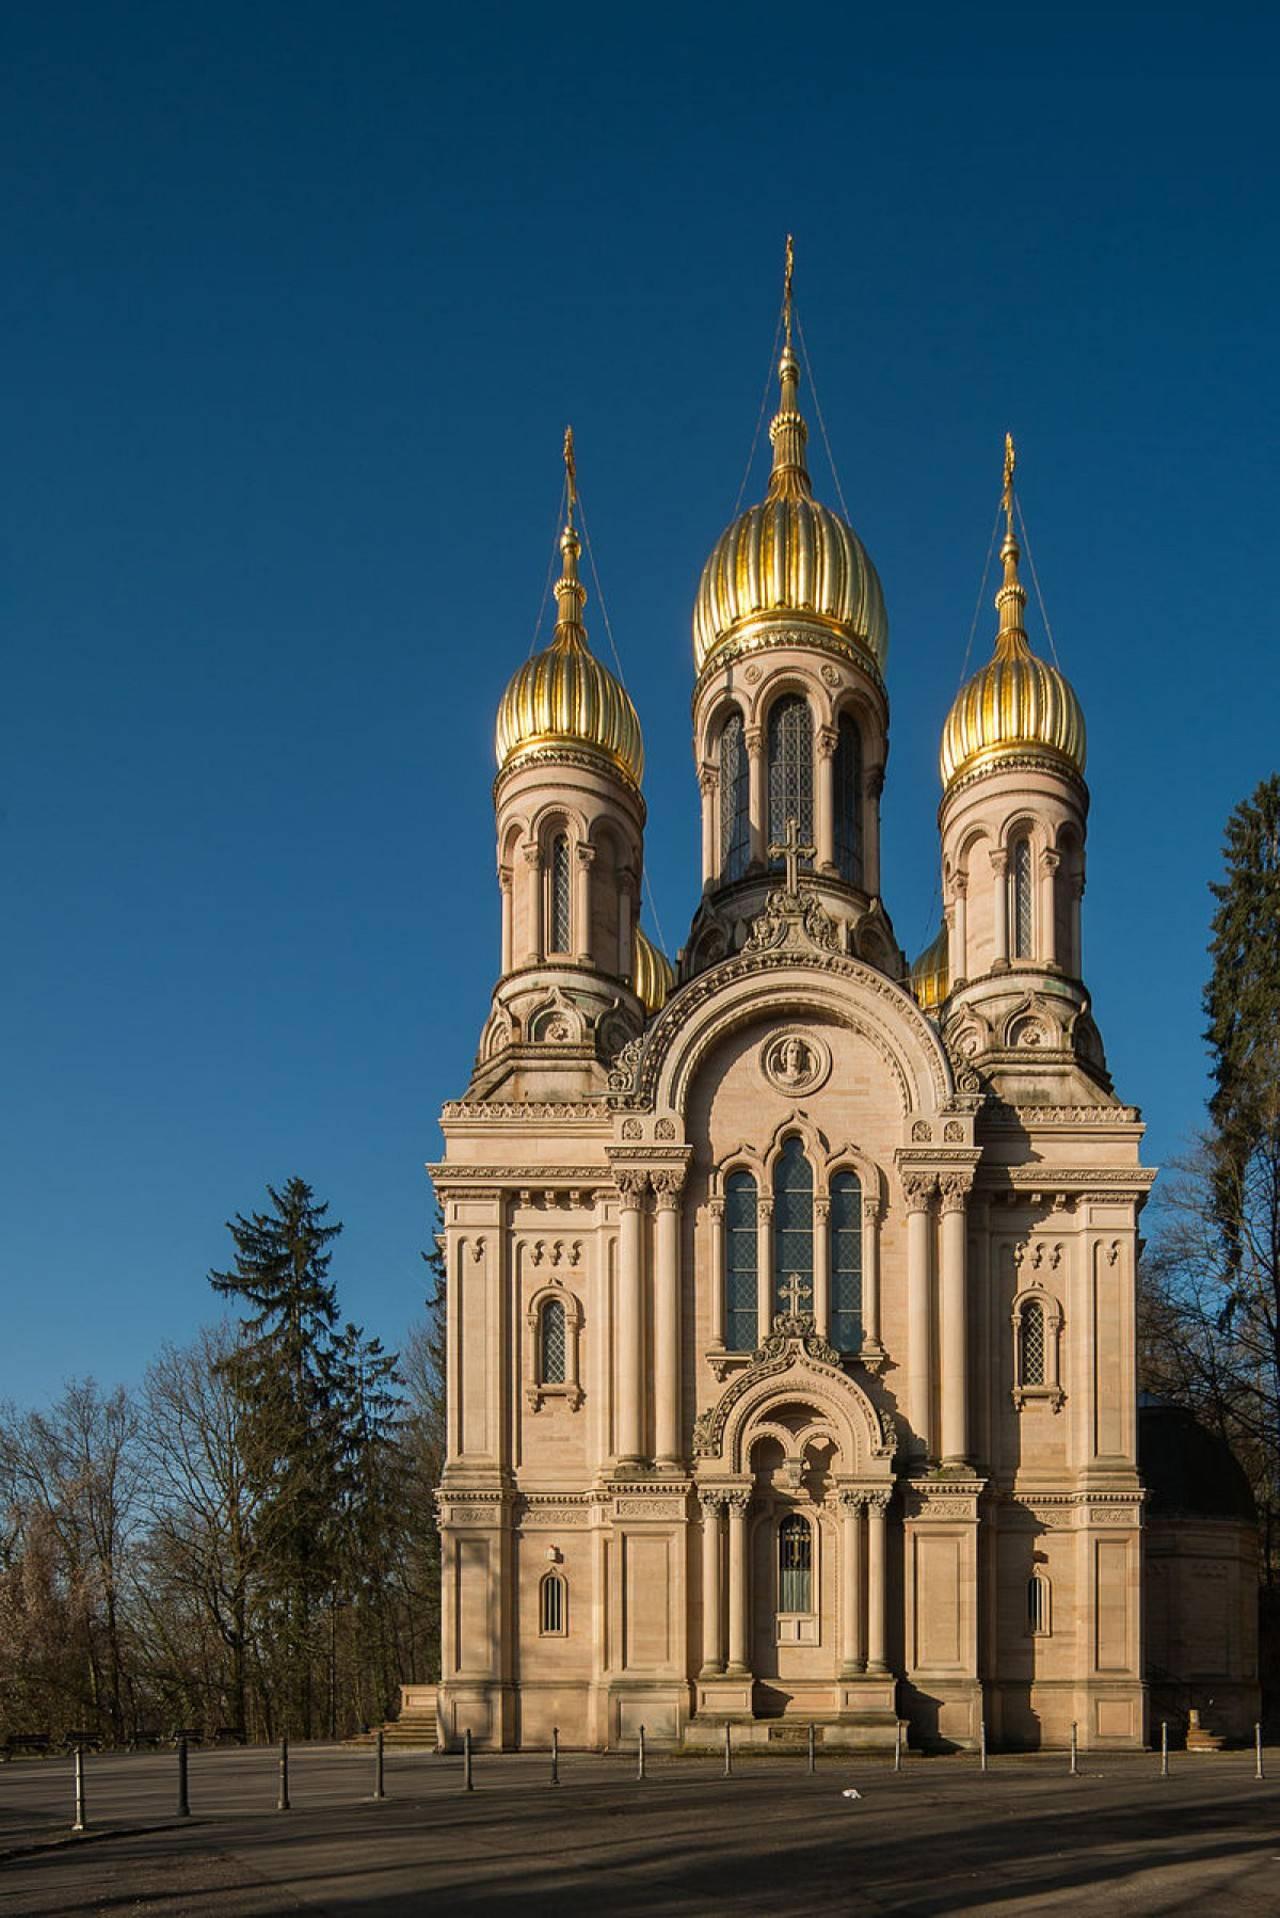 Церковь Святой Елизаветы в Висбадене: история и современность